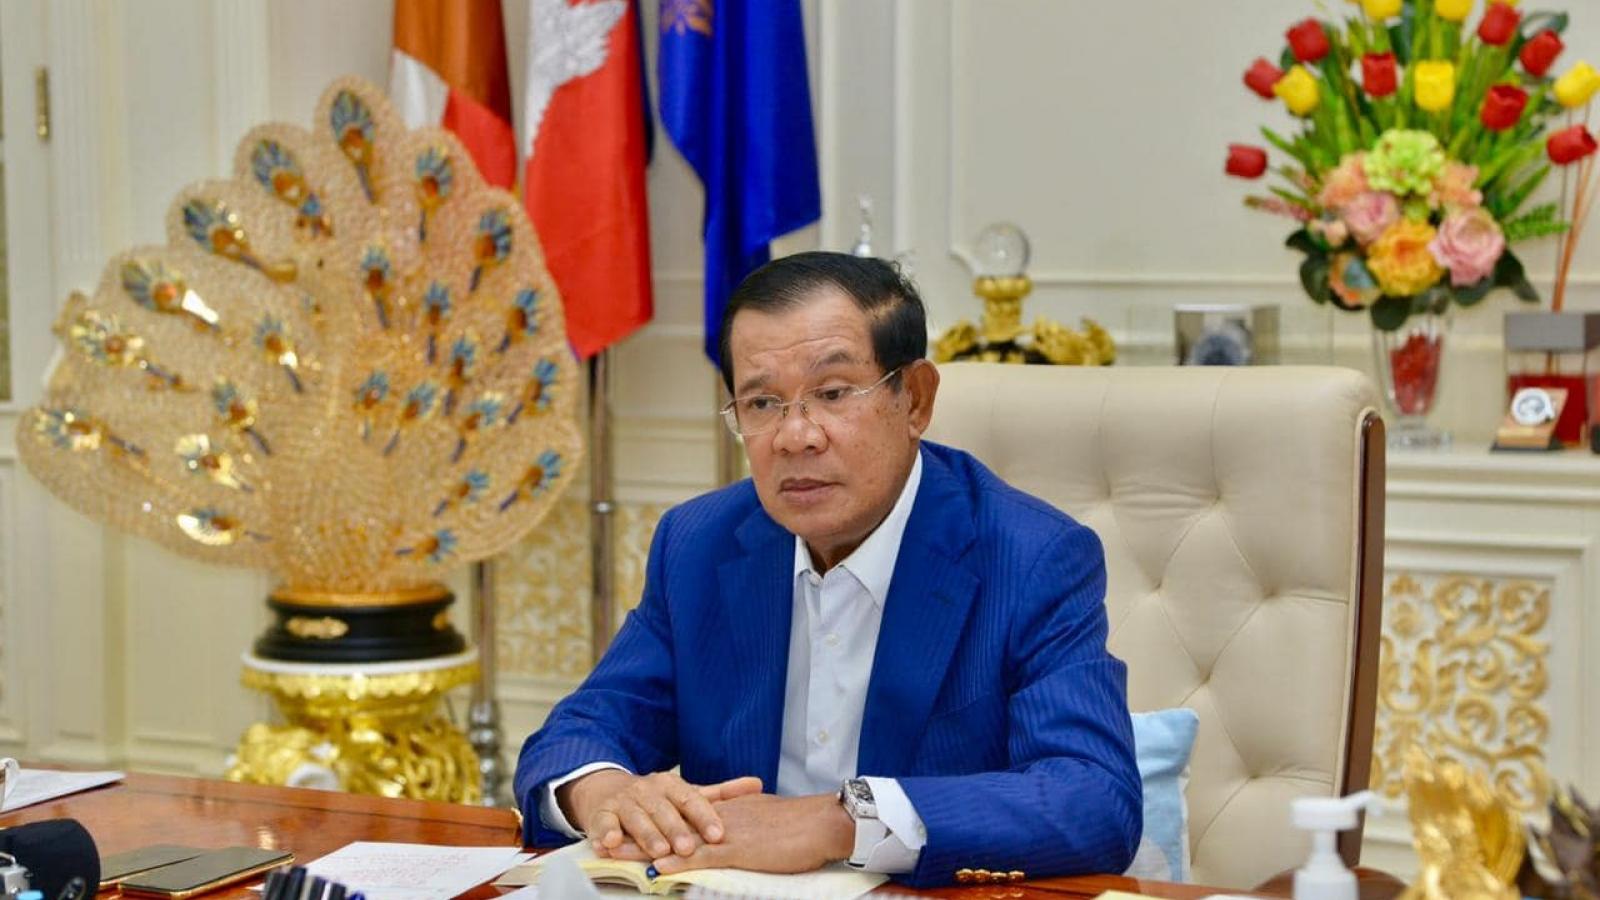 Thủ tướng Campuchia ra thông điệp khẩn trong đêm